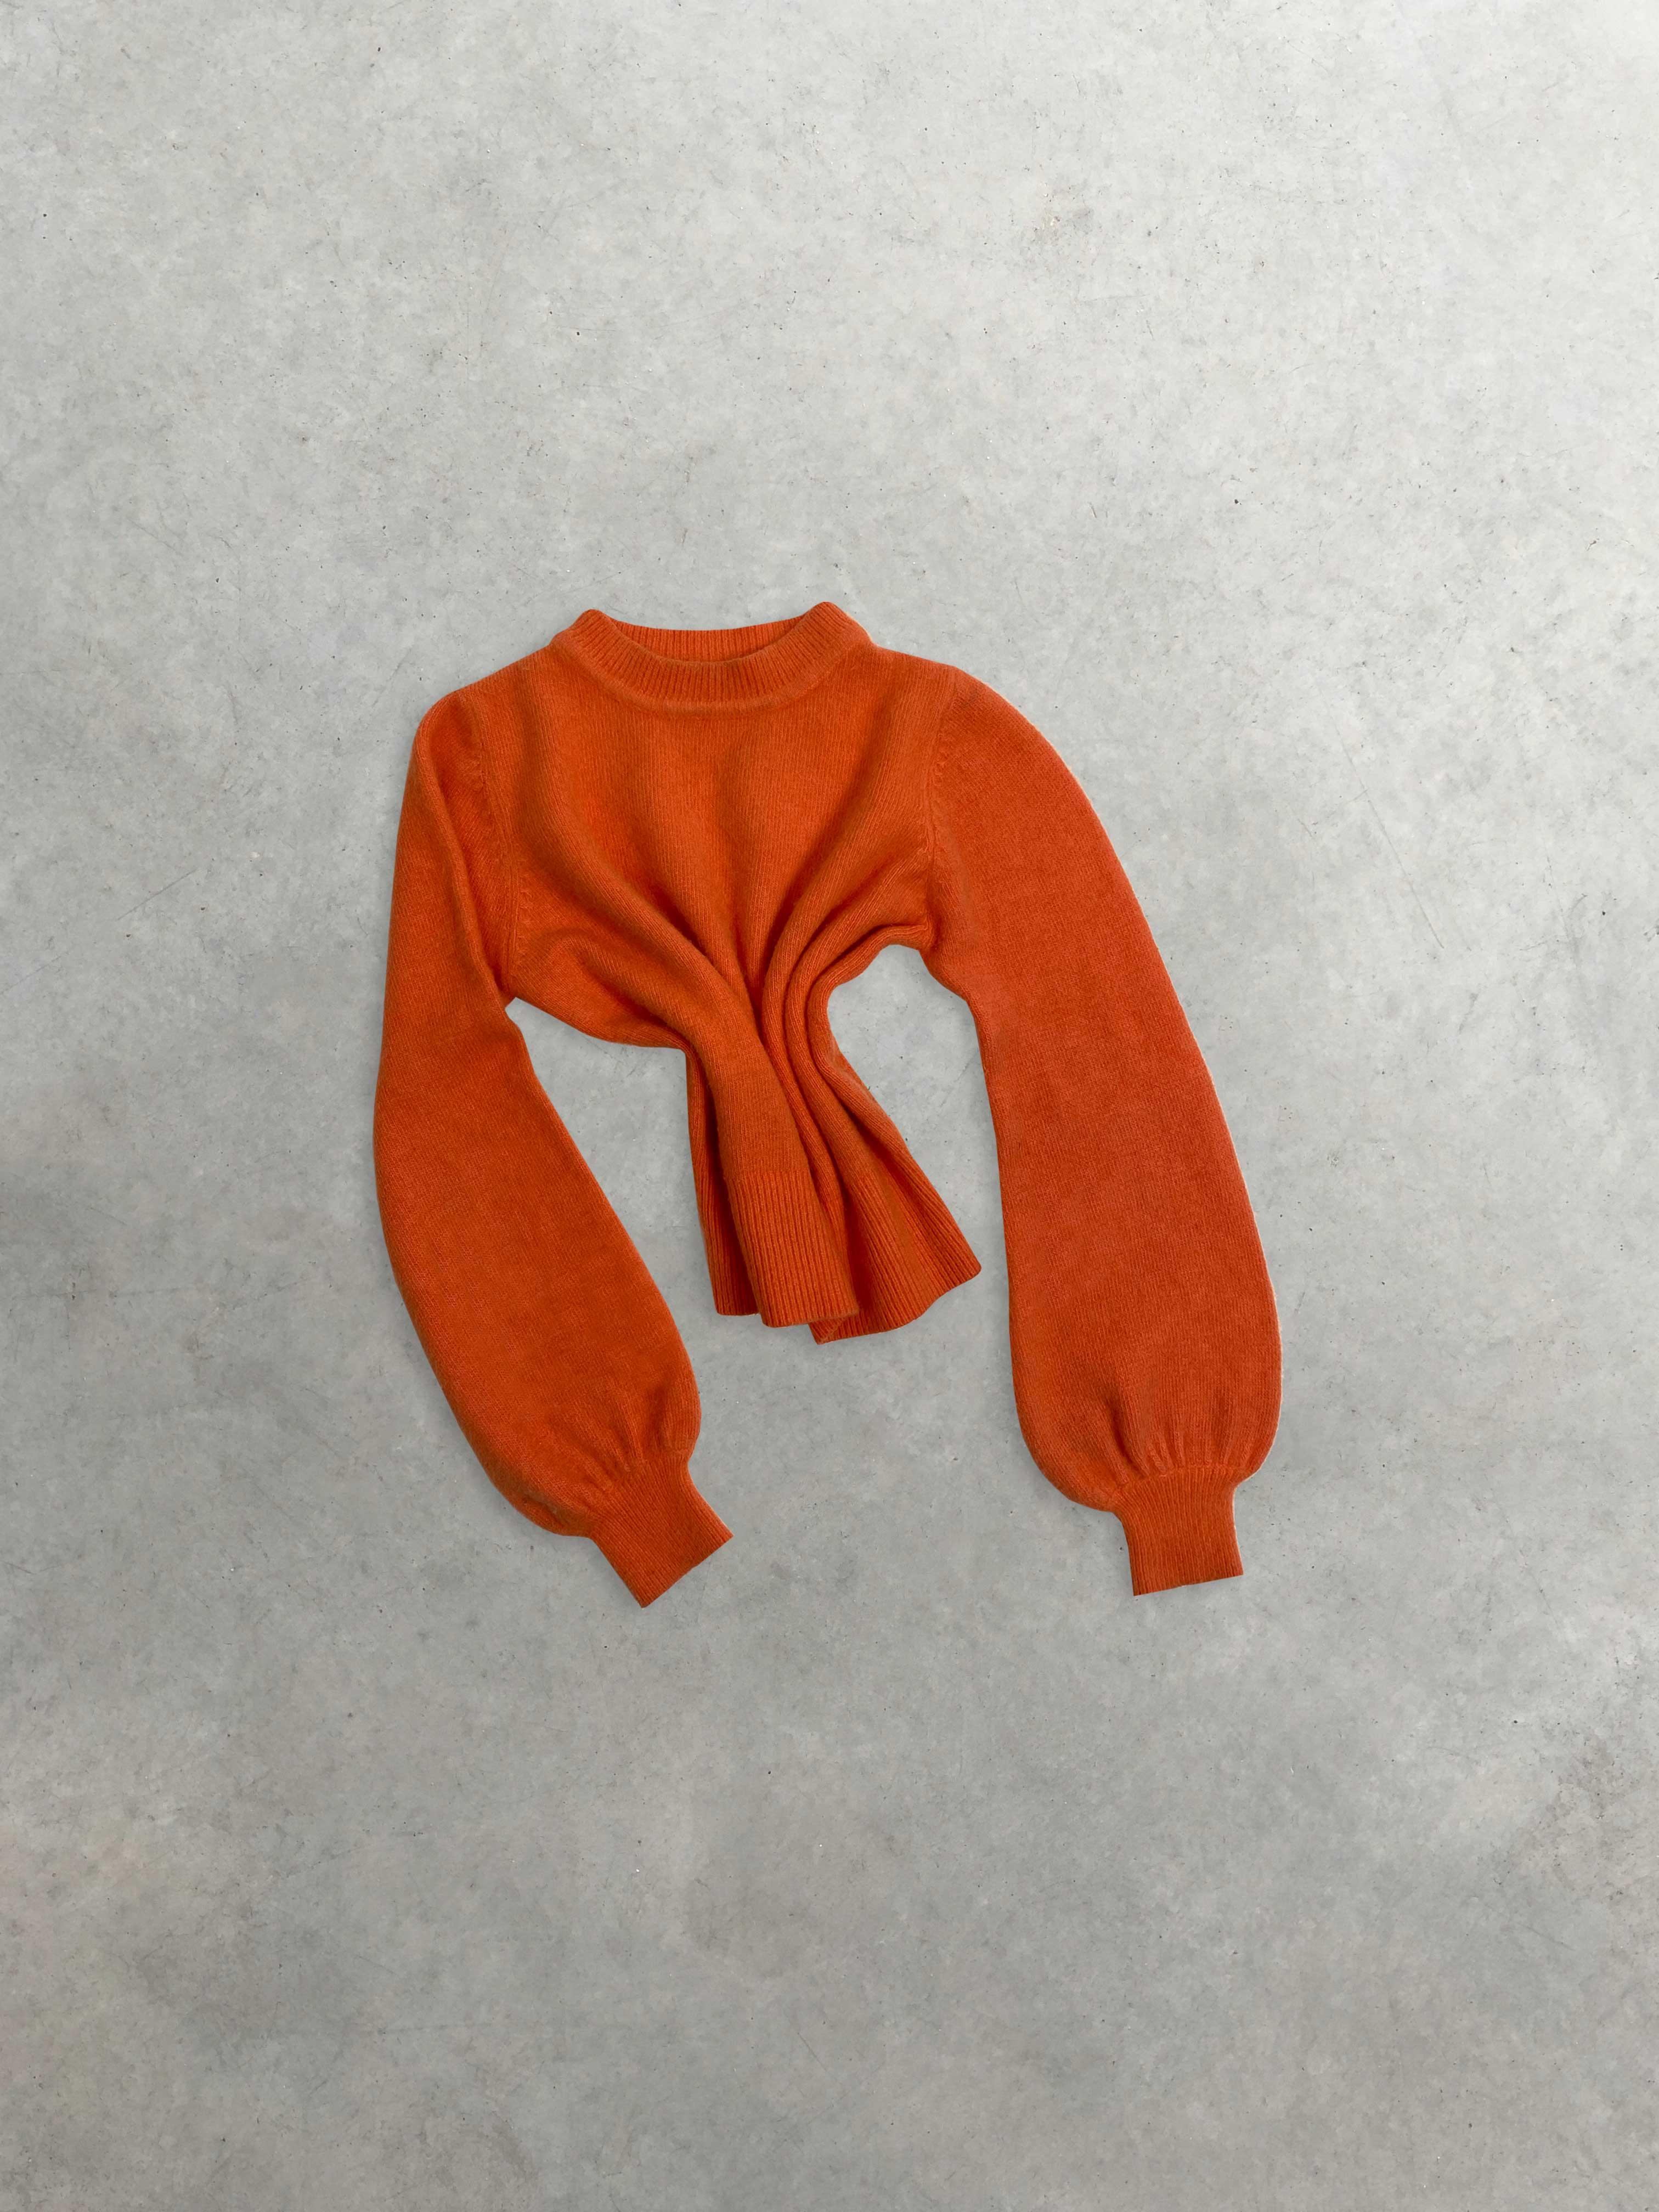 Packshot du produit Pull Col Cheminée Orange de la catégorie Pull